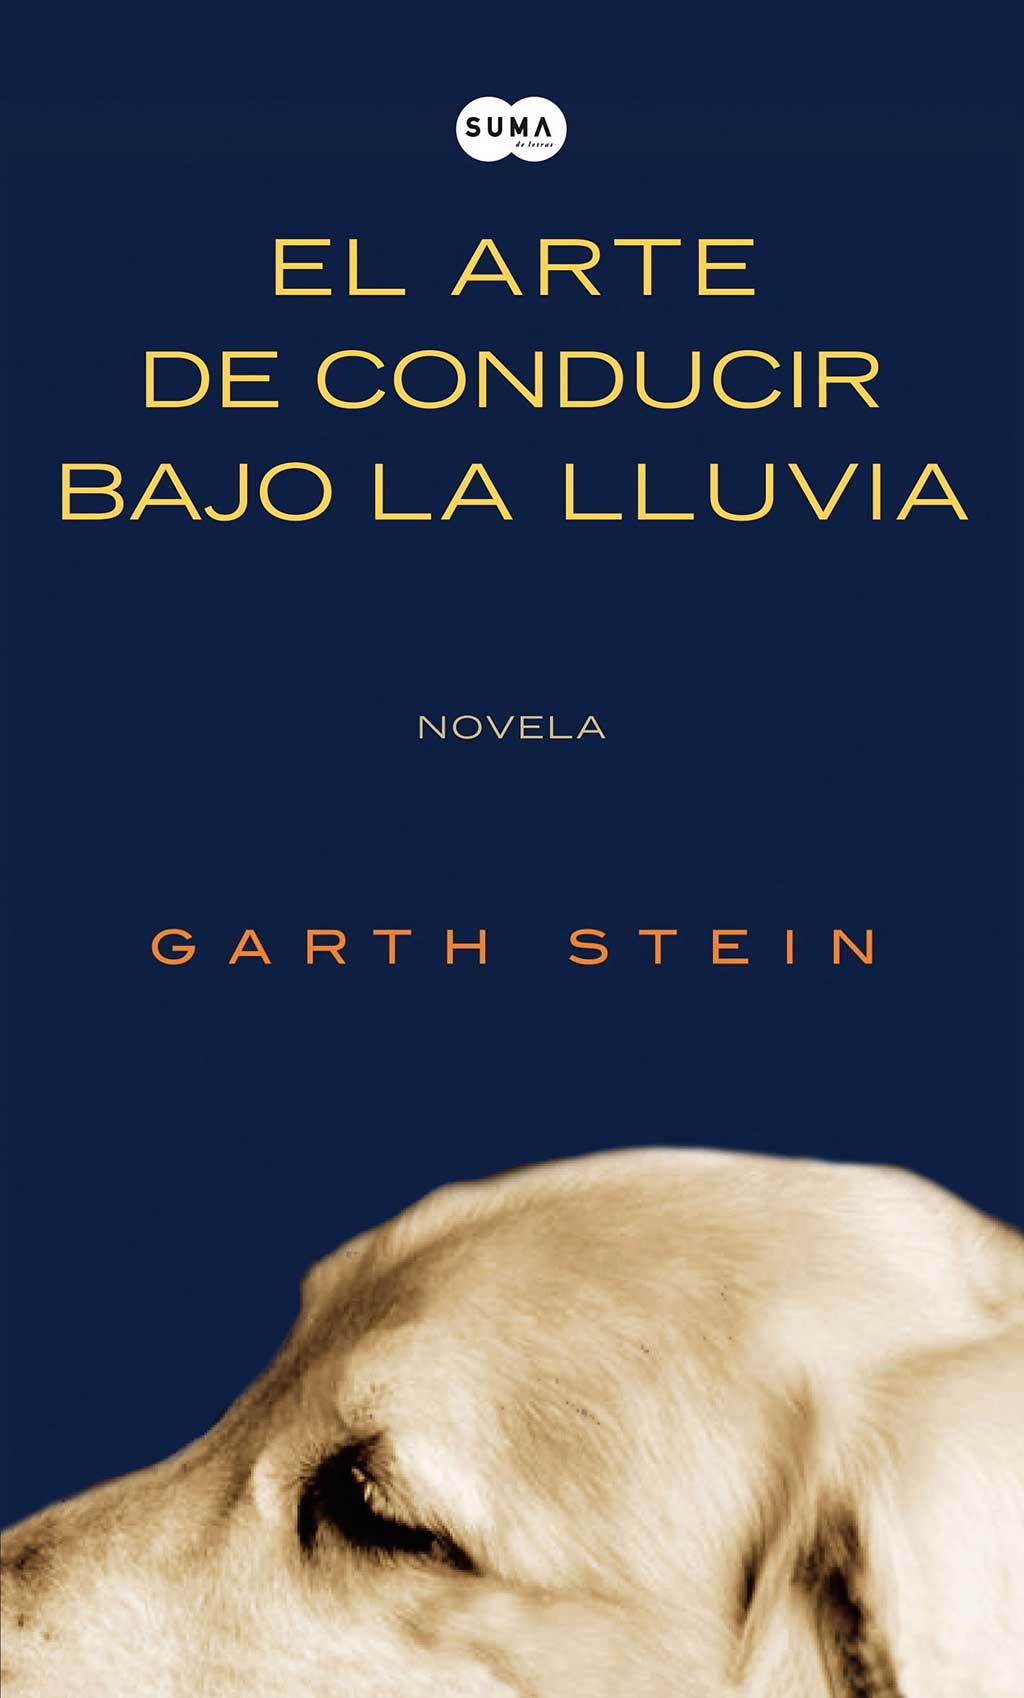 Libro de Gath Stein.